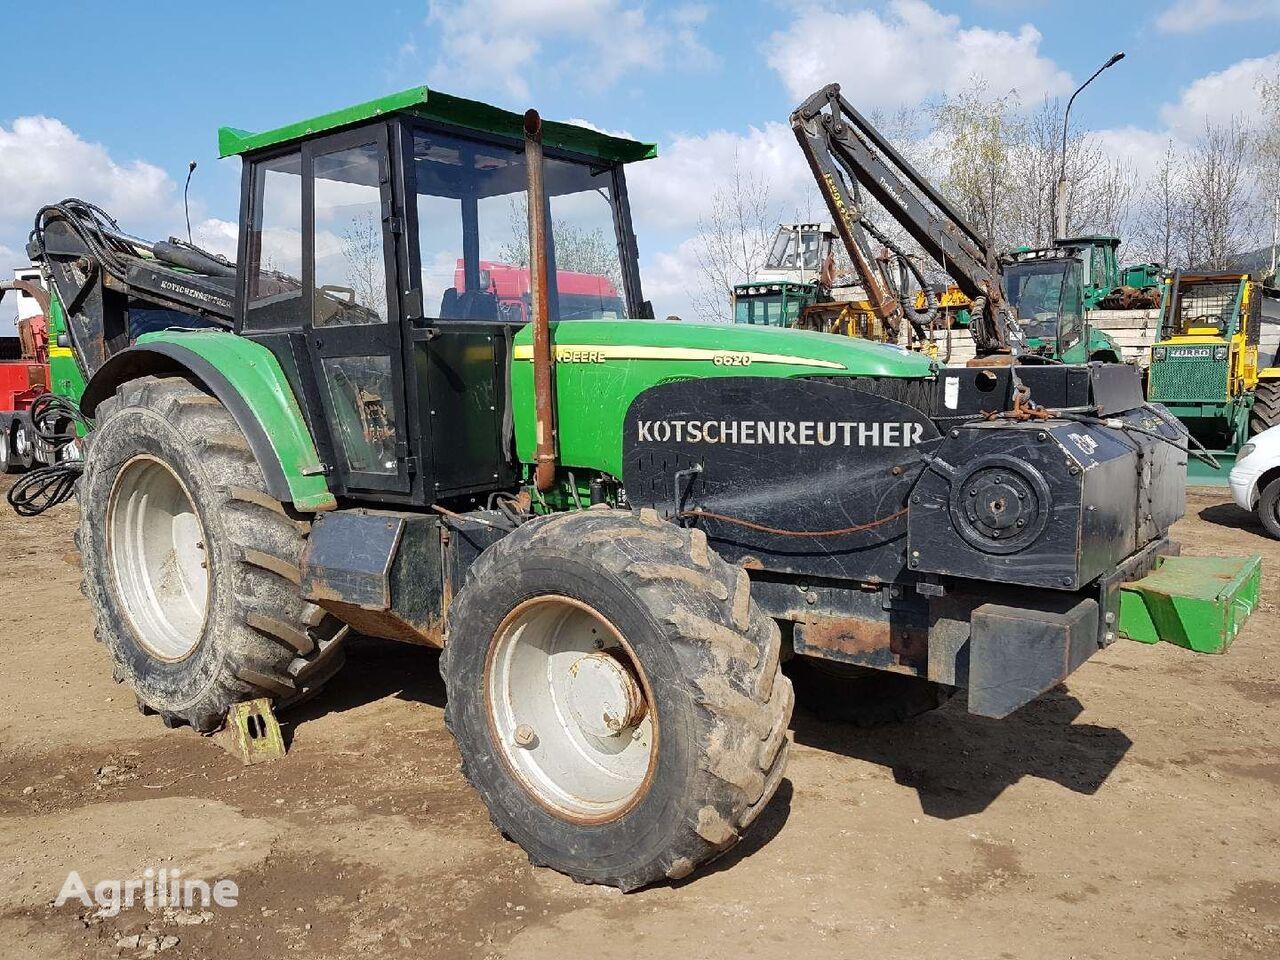 lesní traktor JOHN DEERE 6620 KOTSCHENREUTHER